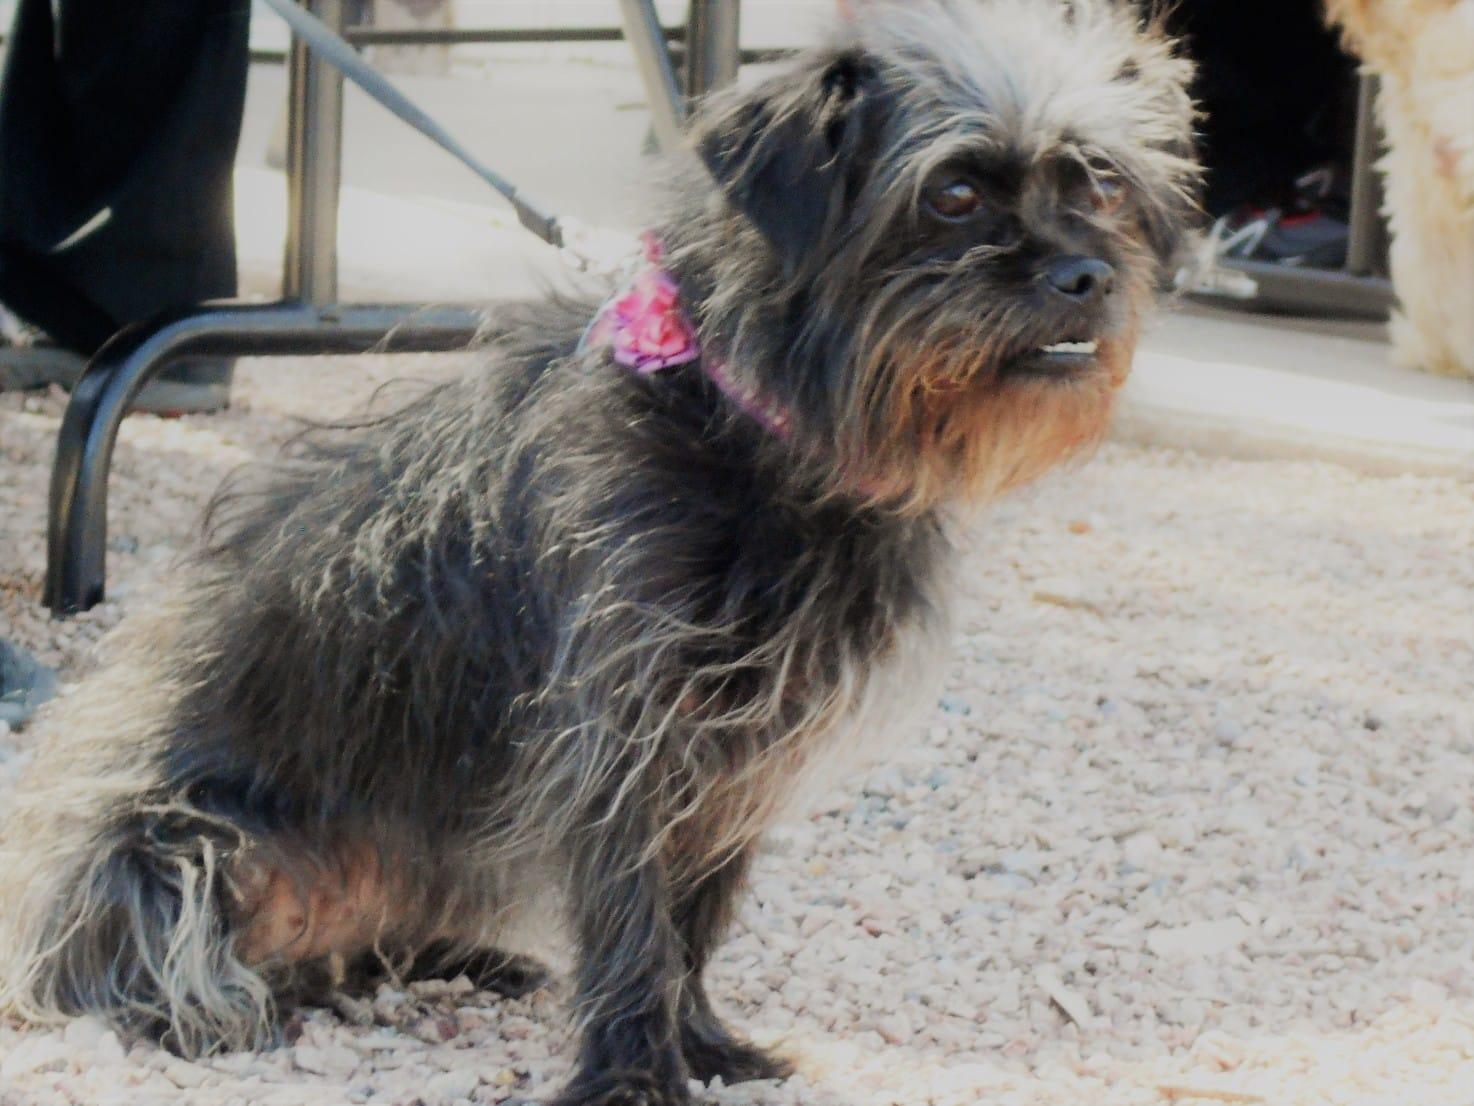 Bei langhaarigen Hunderassen ist die regelmäßige Fellpflege besonders wichtig. Foto: AZ.BLT via Twenty20